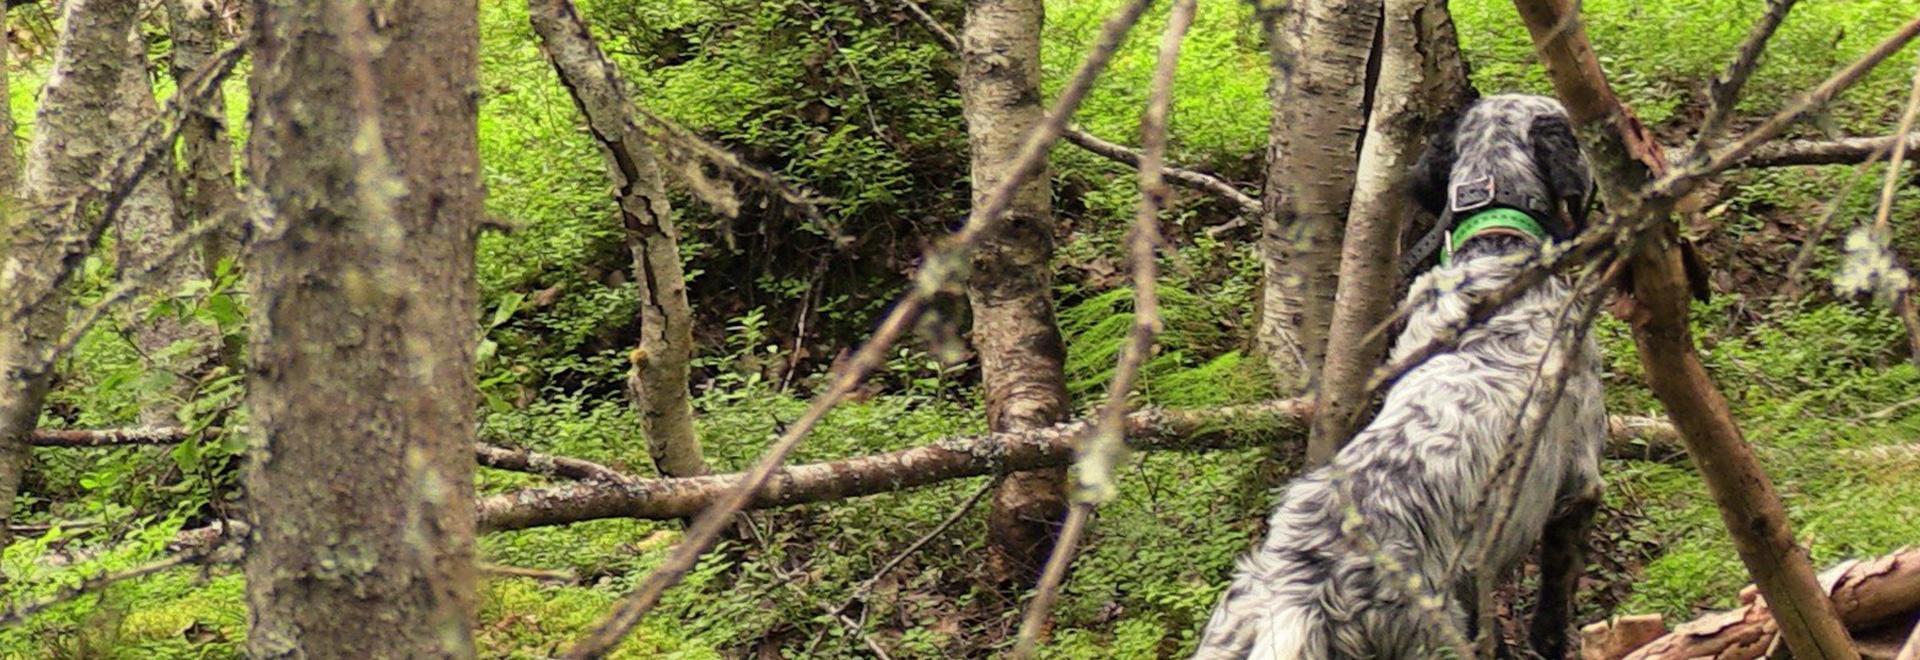 Caccia alla grouse in Scozia